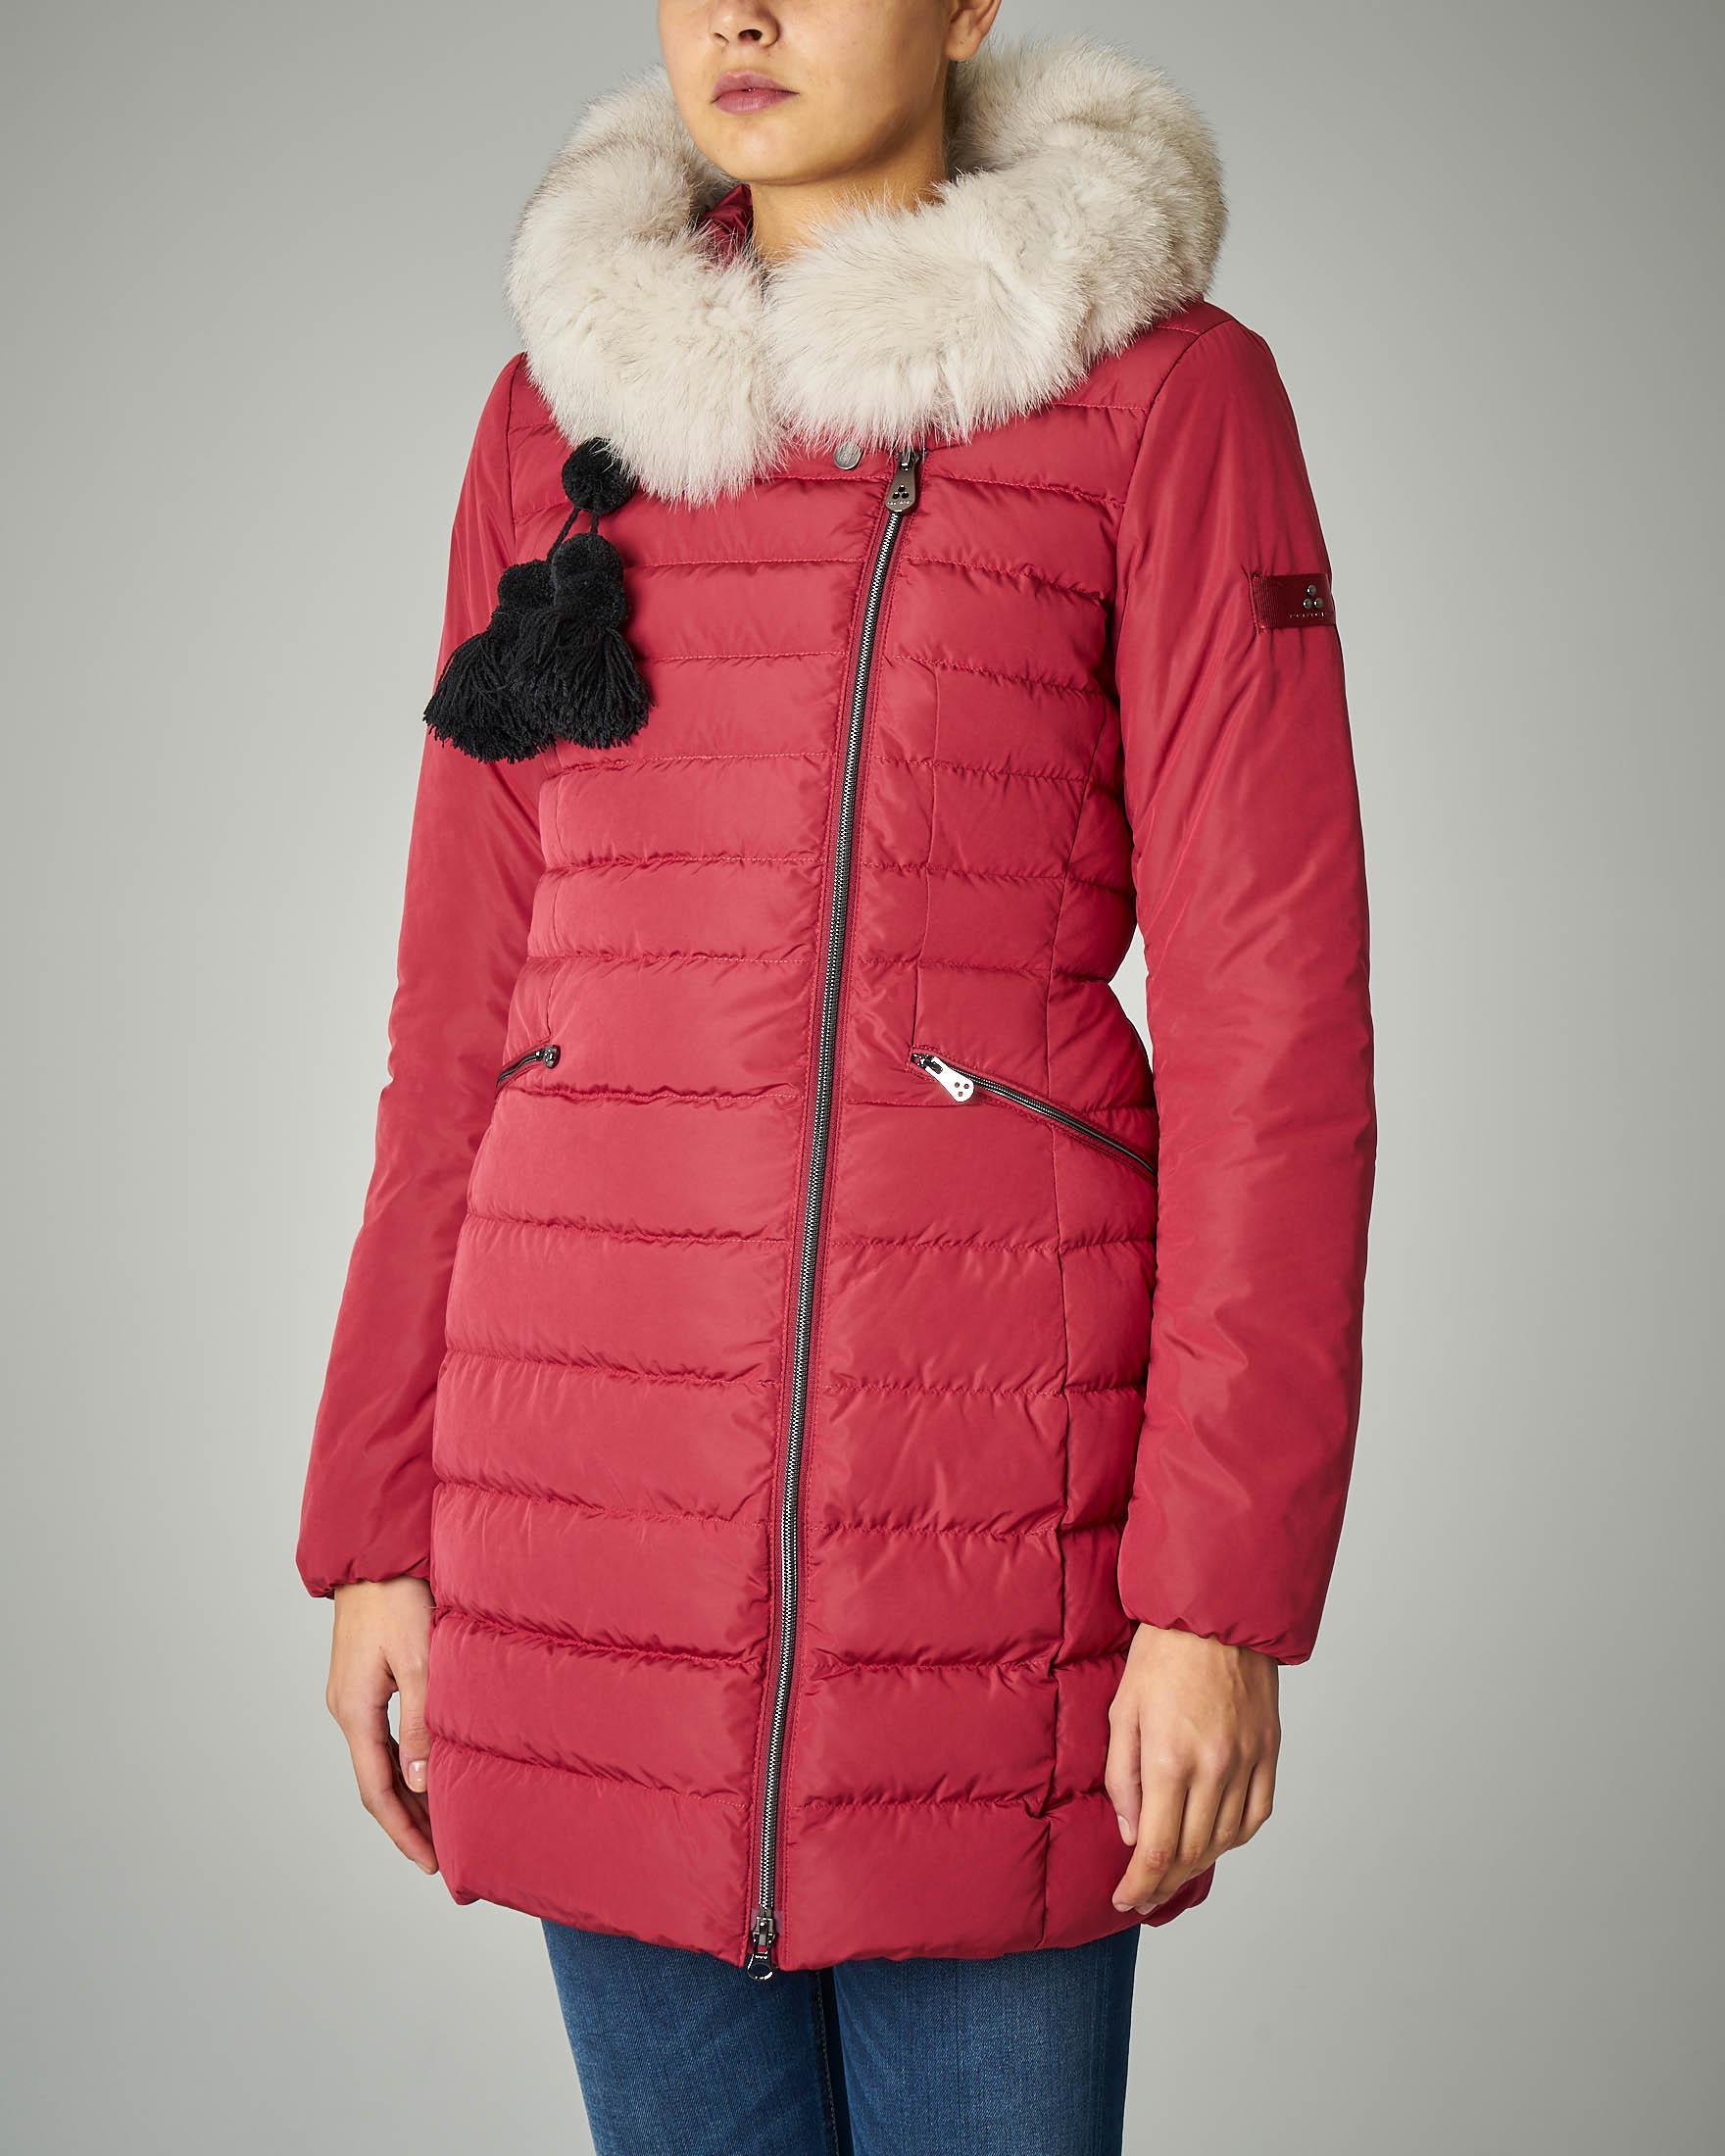 Piumino rosso in tessuto mano pesca con cappuccio con bordo in pelliccia di volpe